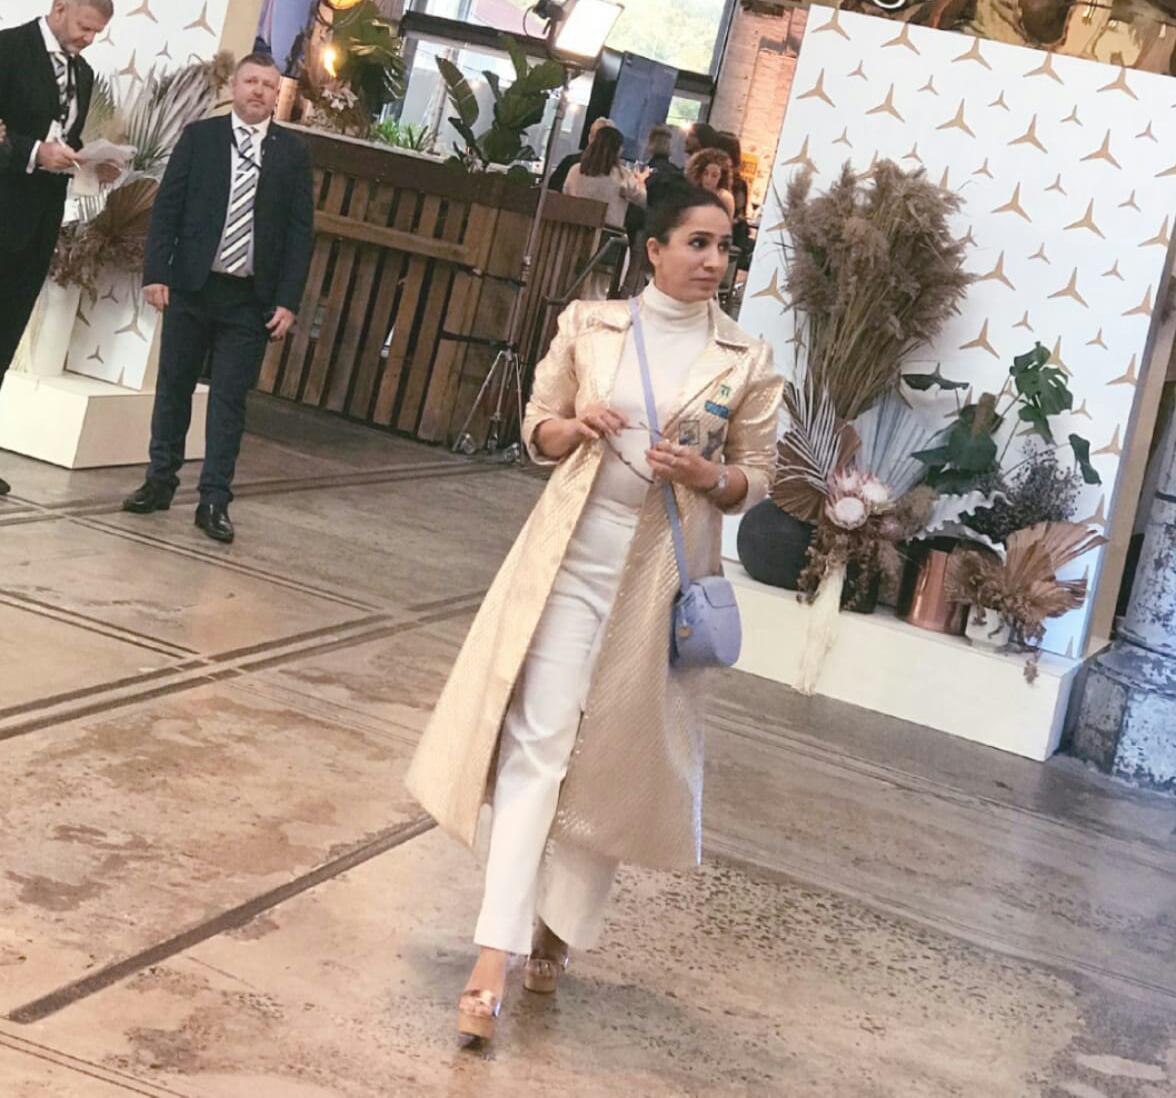 Gorgeous Sonalika Pradhan flaunted her Indian Charm at international event.